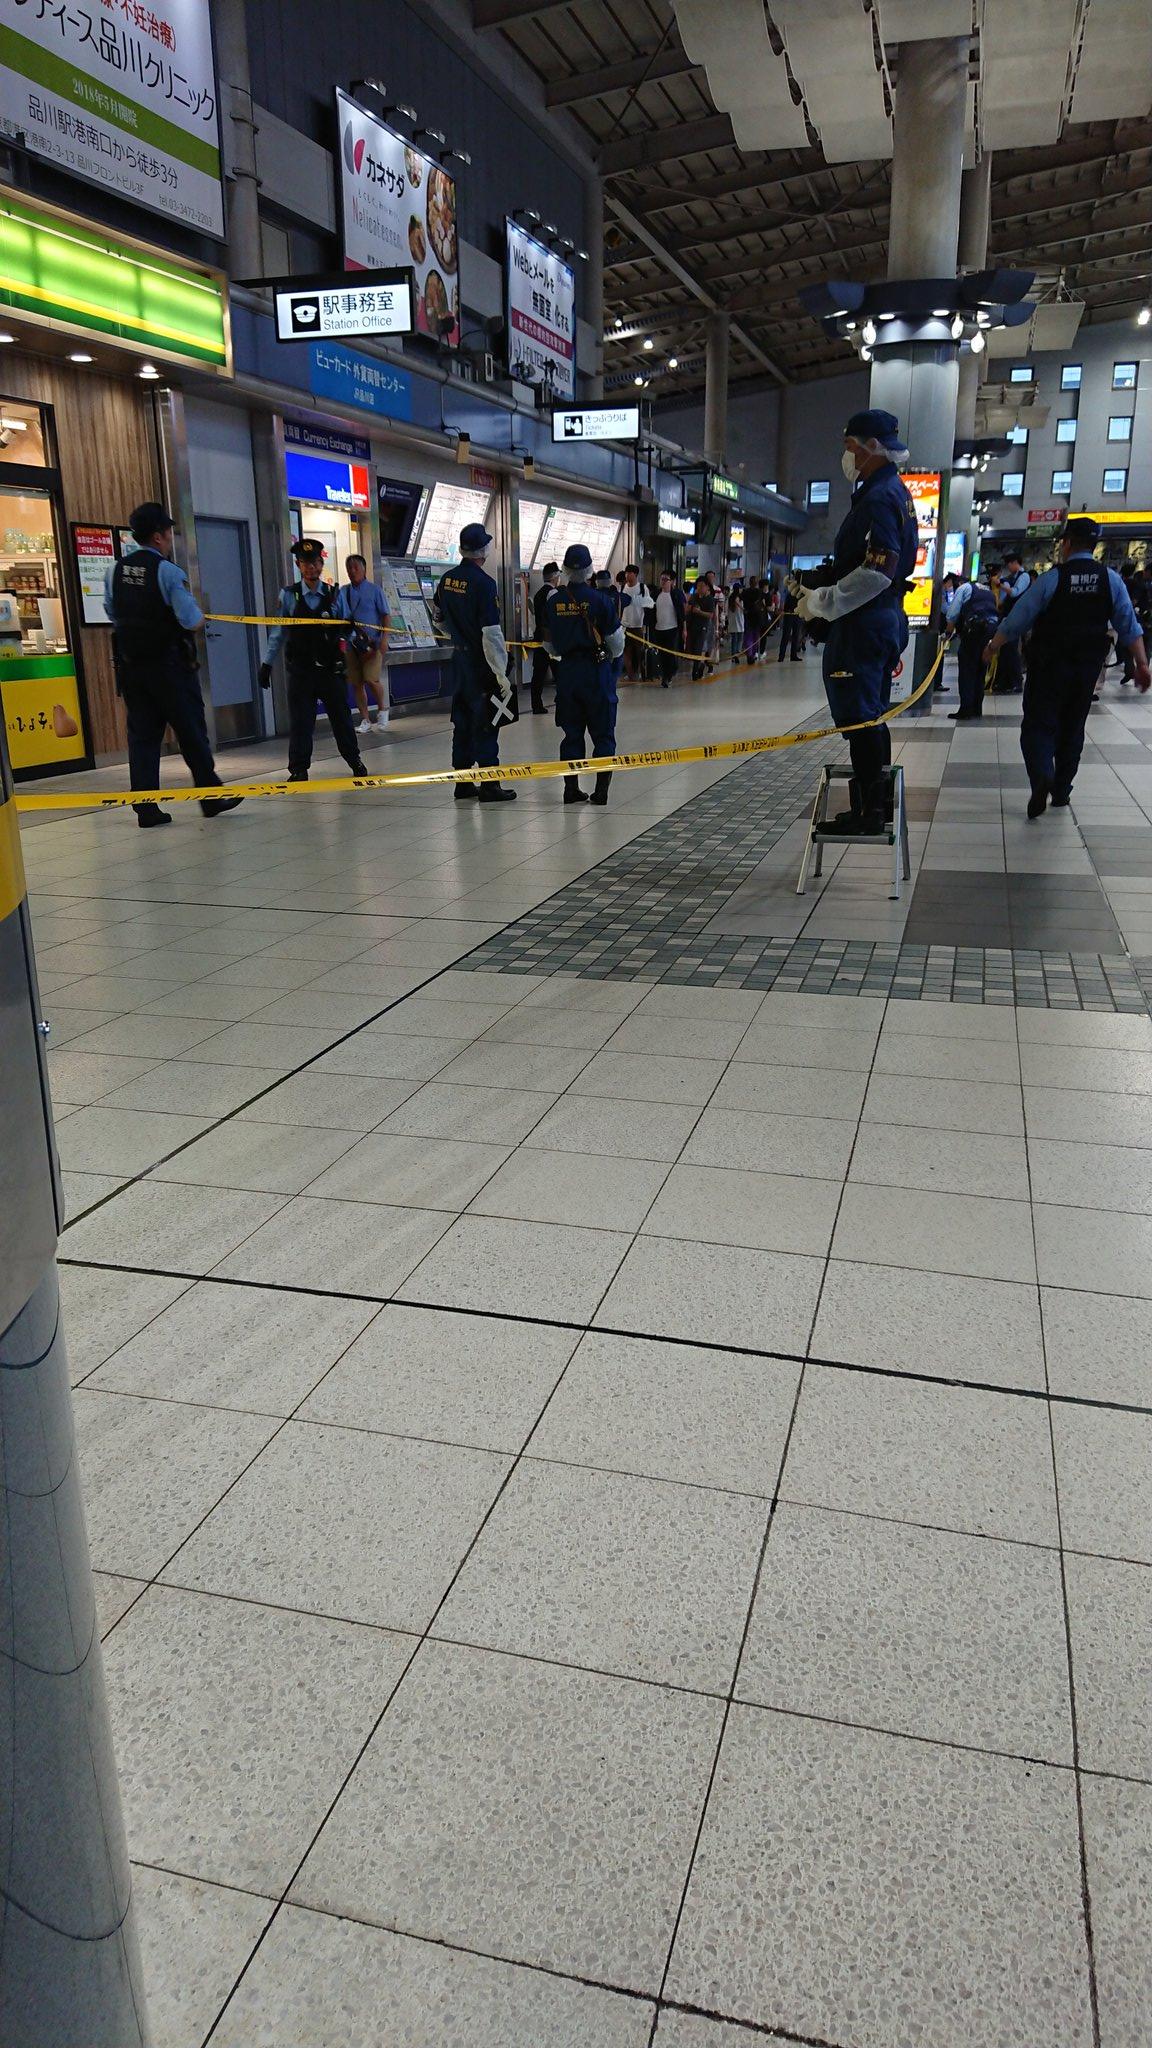 品川駅のうんこ散乱事件で警察が現場検証している画像